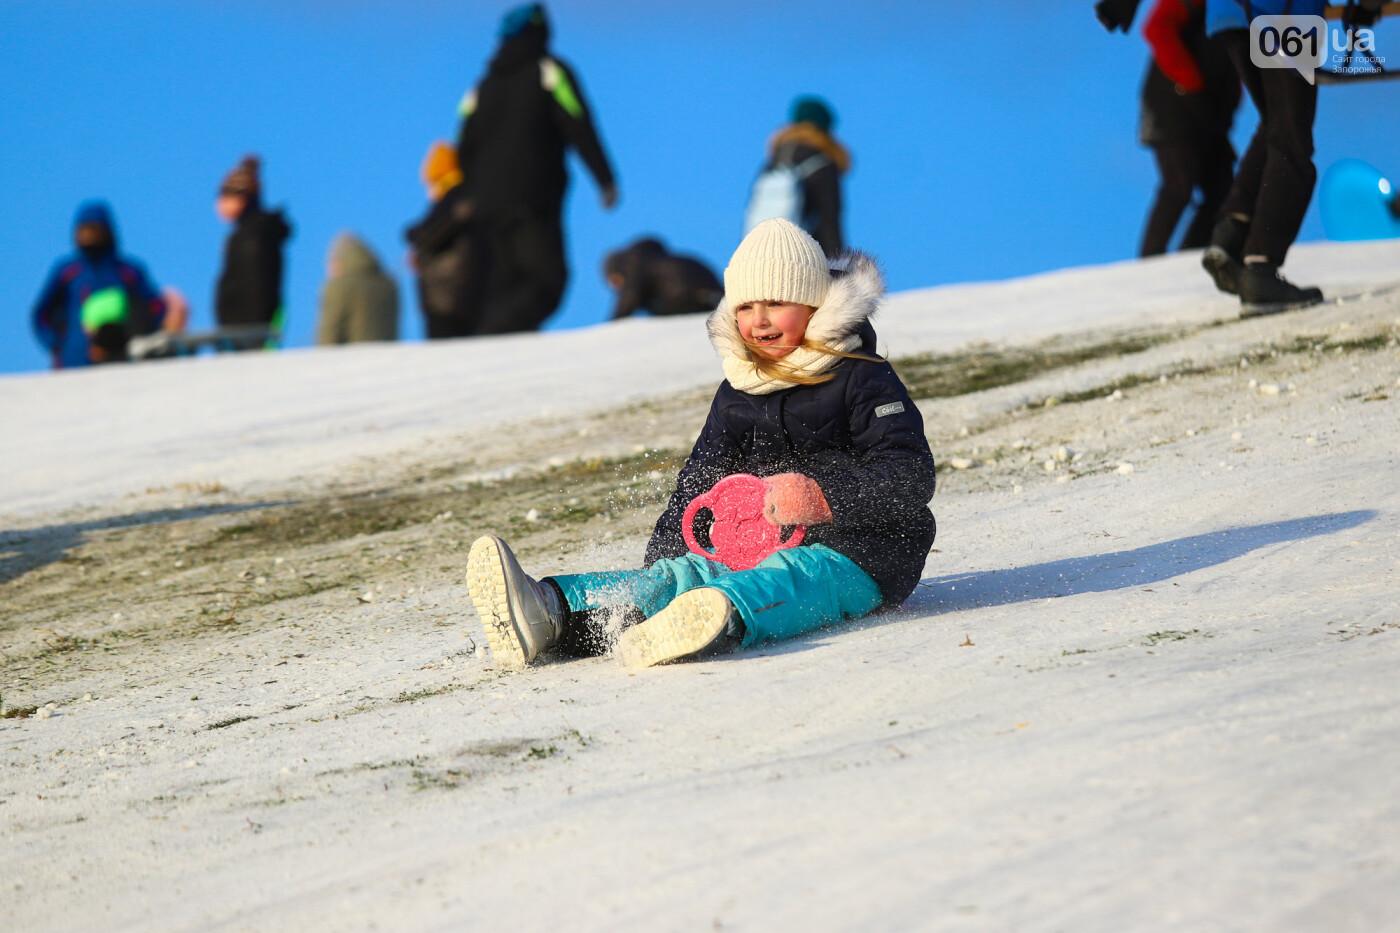 На санках, лыжах и сноуборде: запорожцы устроили массовое катание с горок в Вознесеновском парке, - ФОТОРЕПОРТАЖ, фото-69